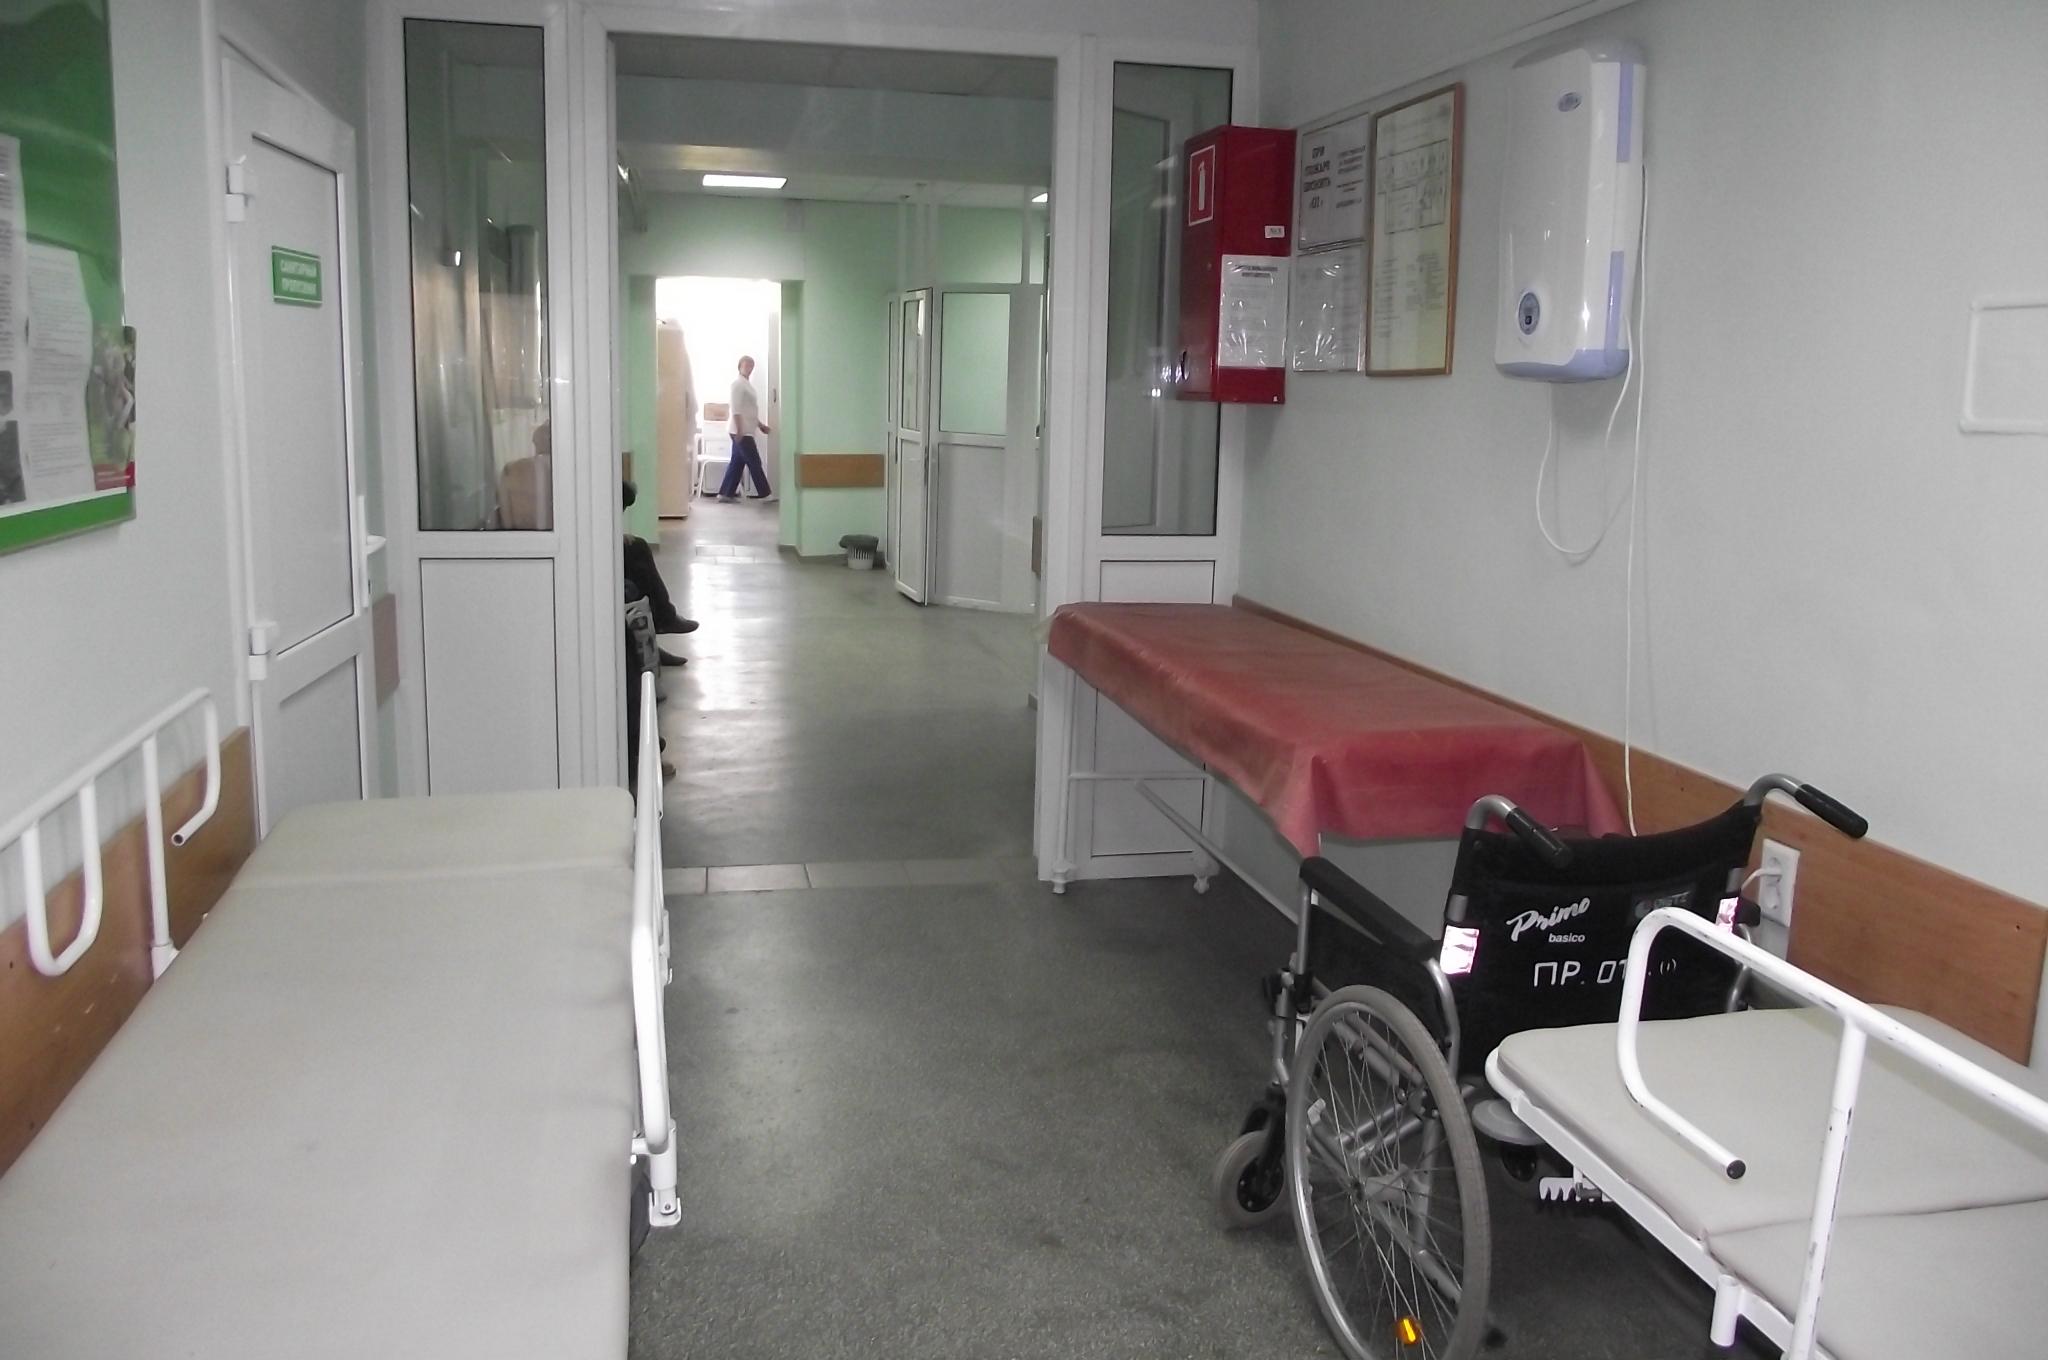 Регистратура взрослой поликлиники заречный